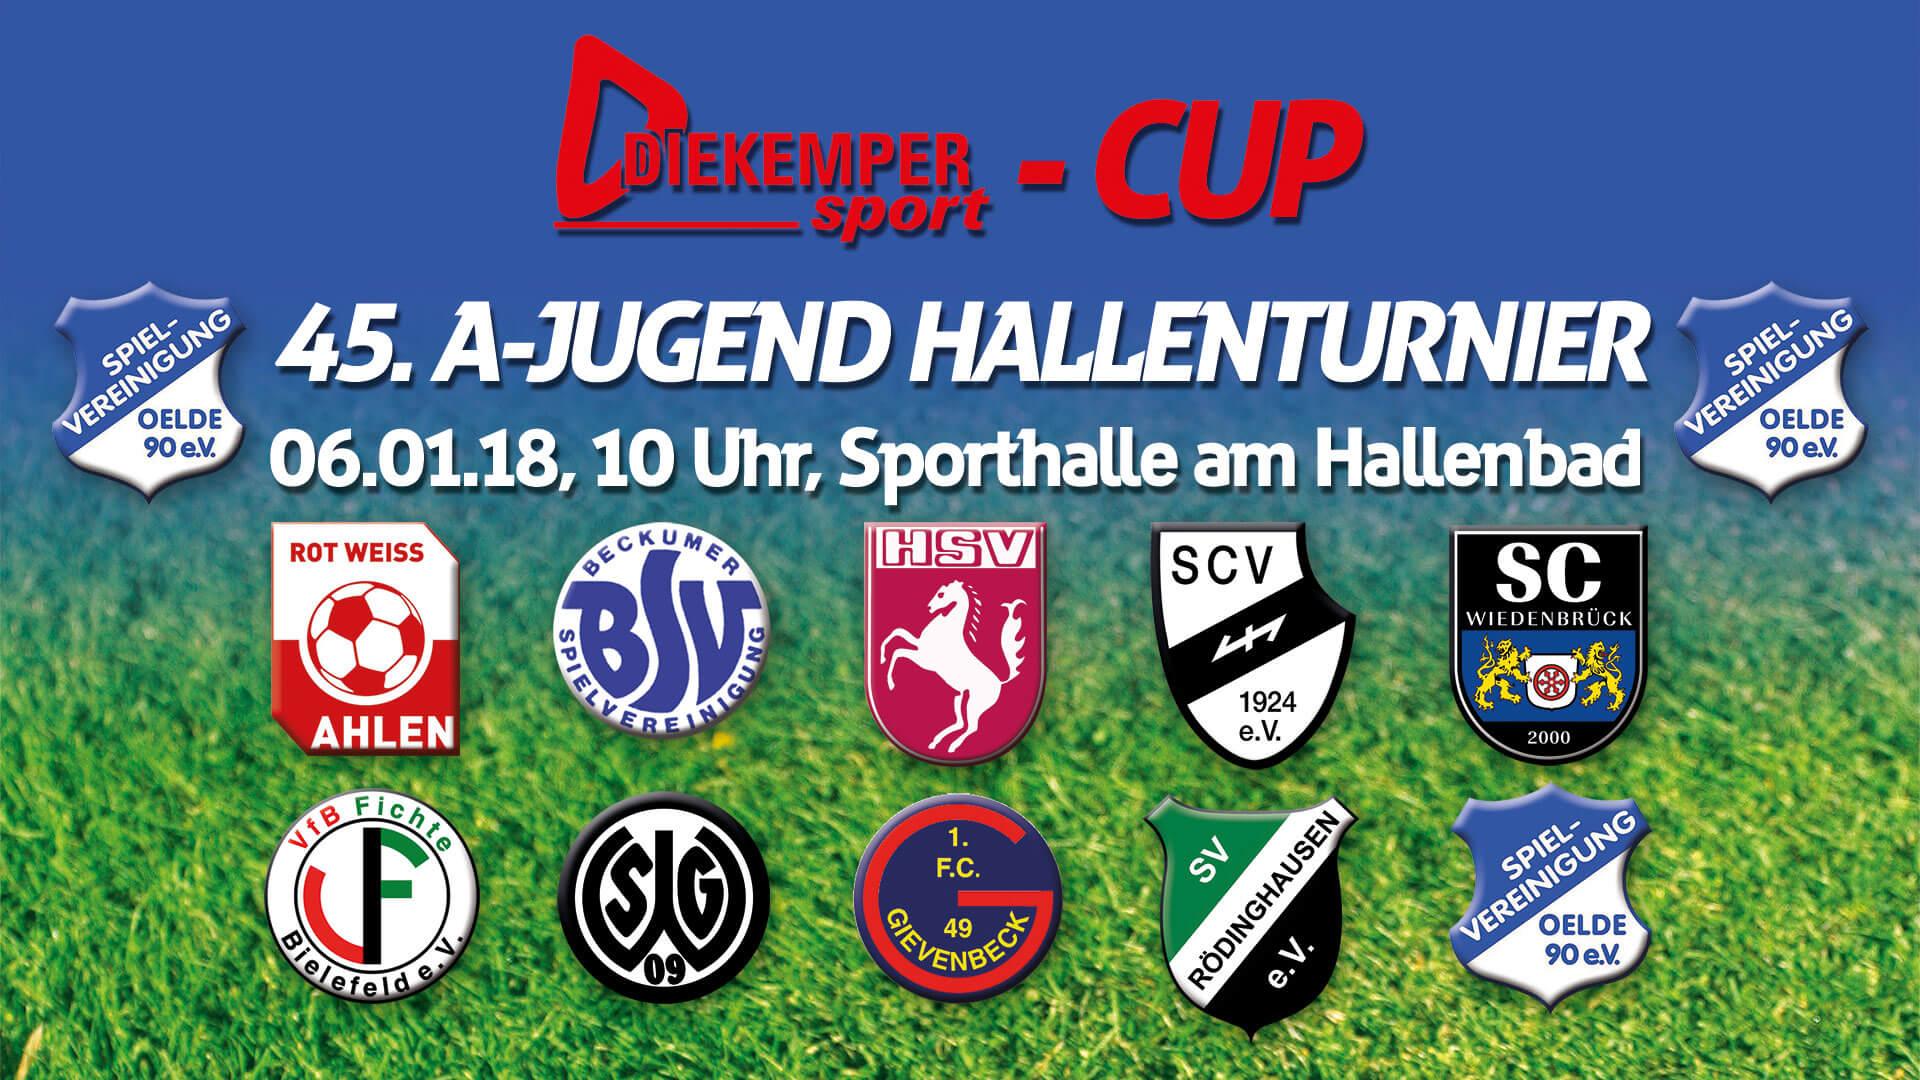 Diekemper Cup 2018 – 45. A-Jugend Hallenturnier